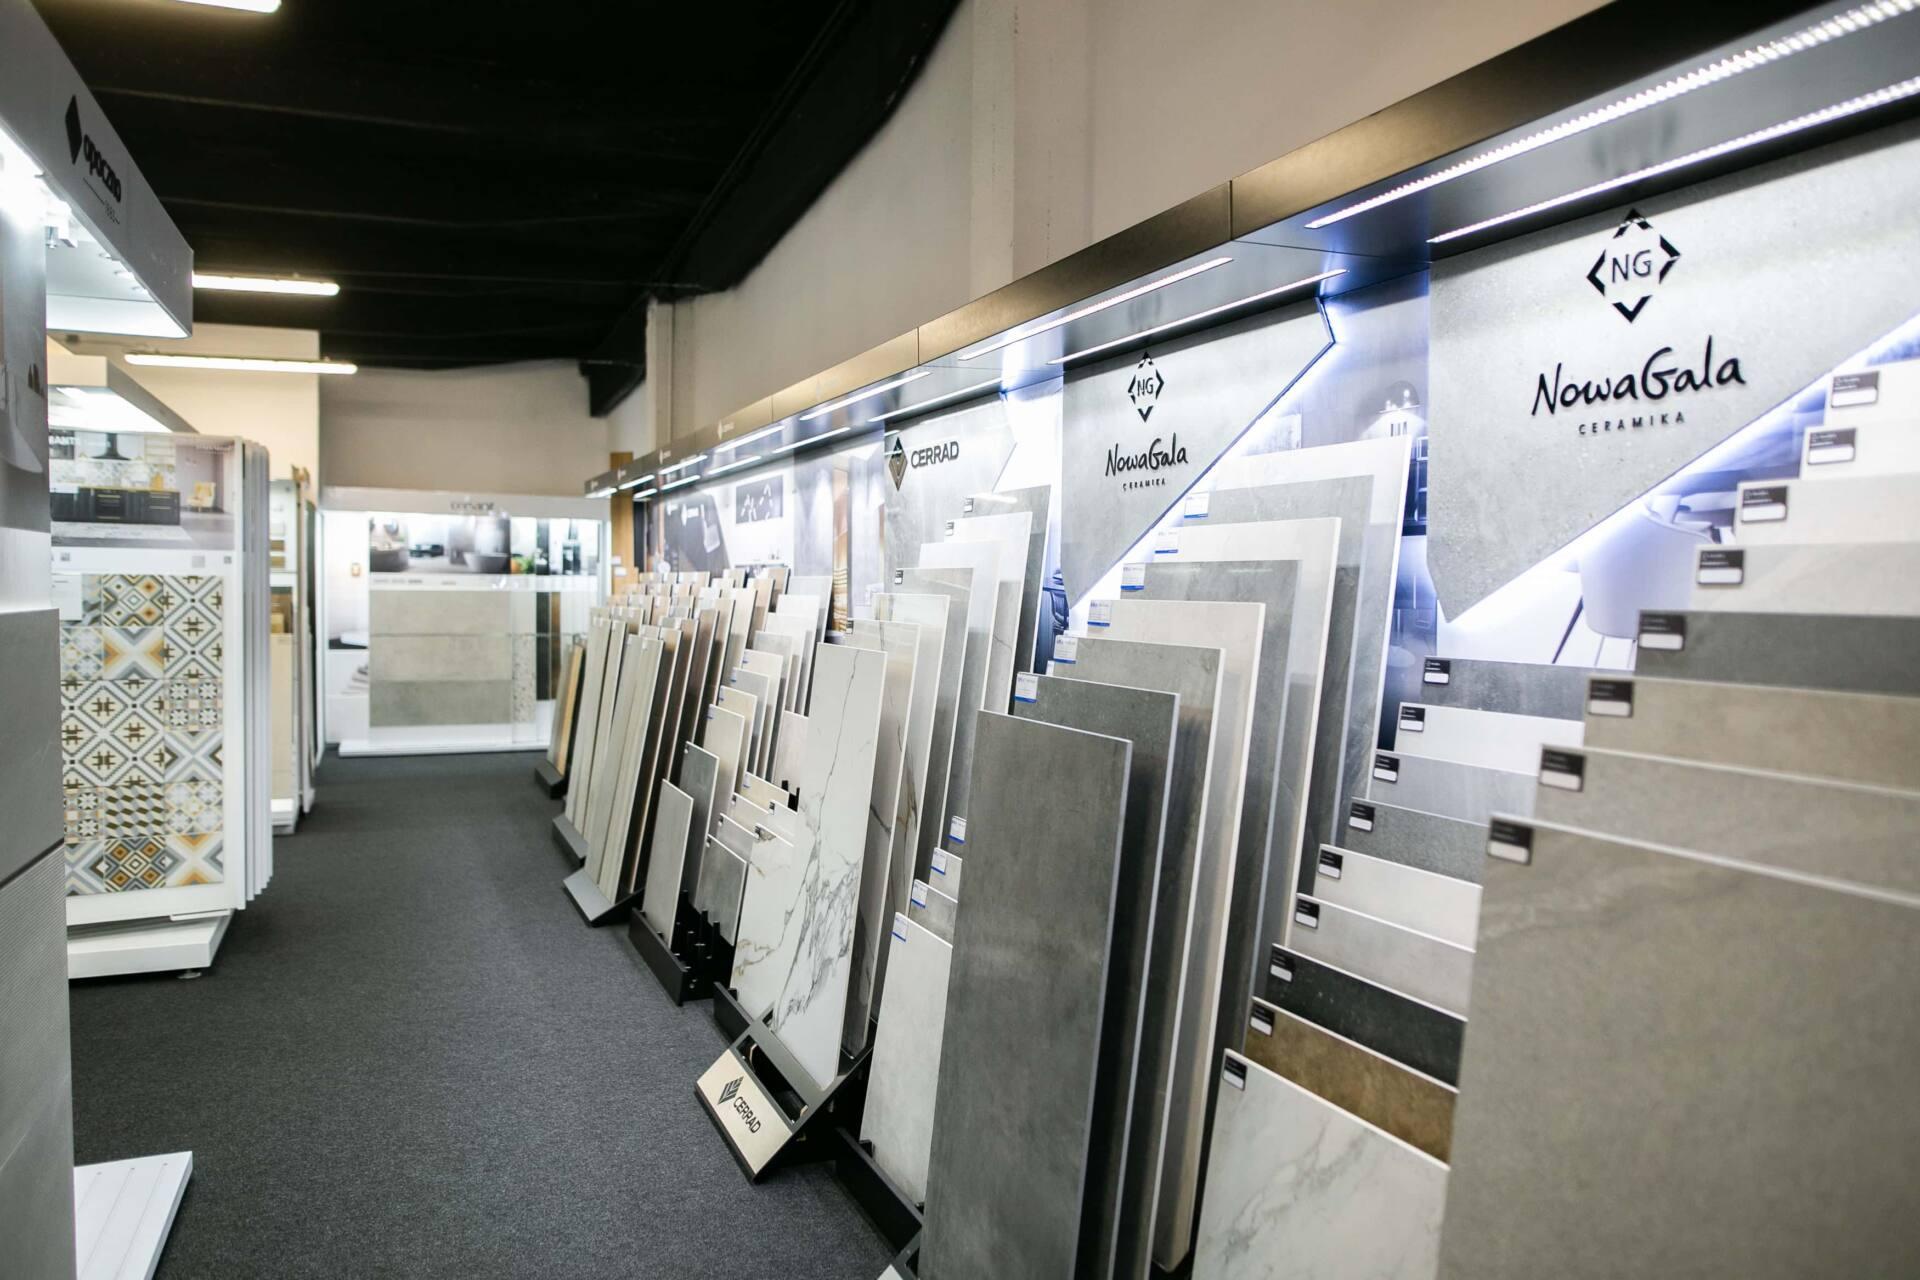 5db 5592 Nowy salon łazienek BLU w Zamościu już otwarty! Publikujemy 80 zdjęć